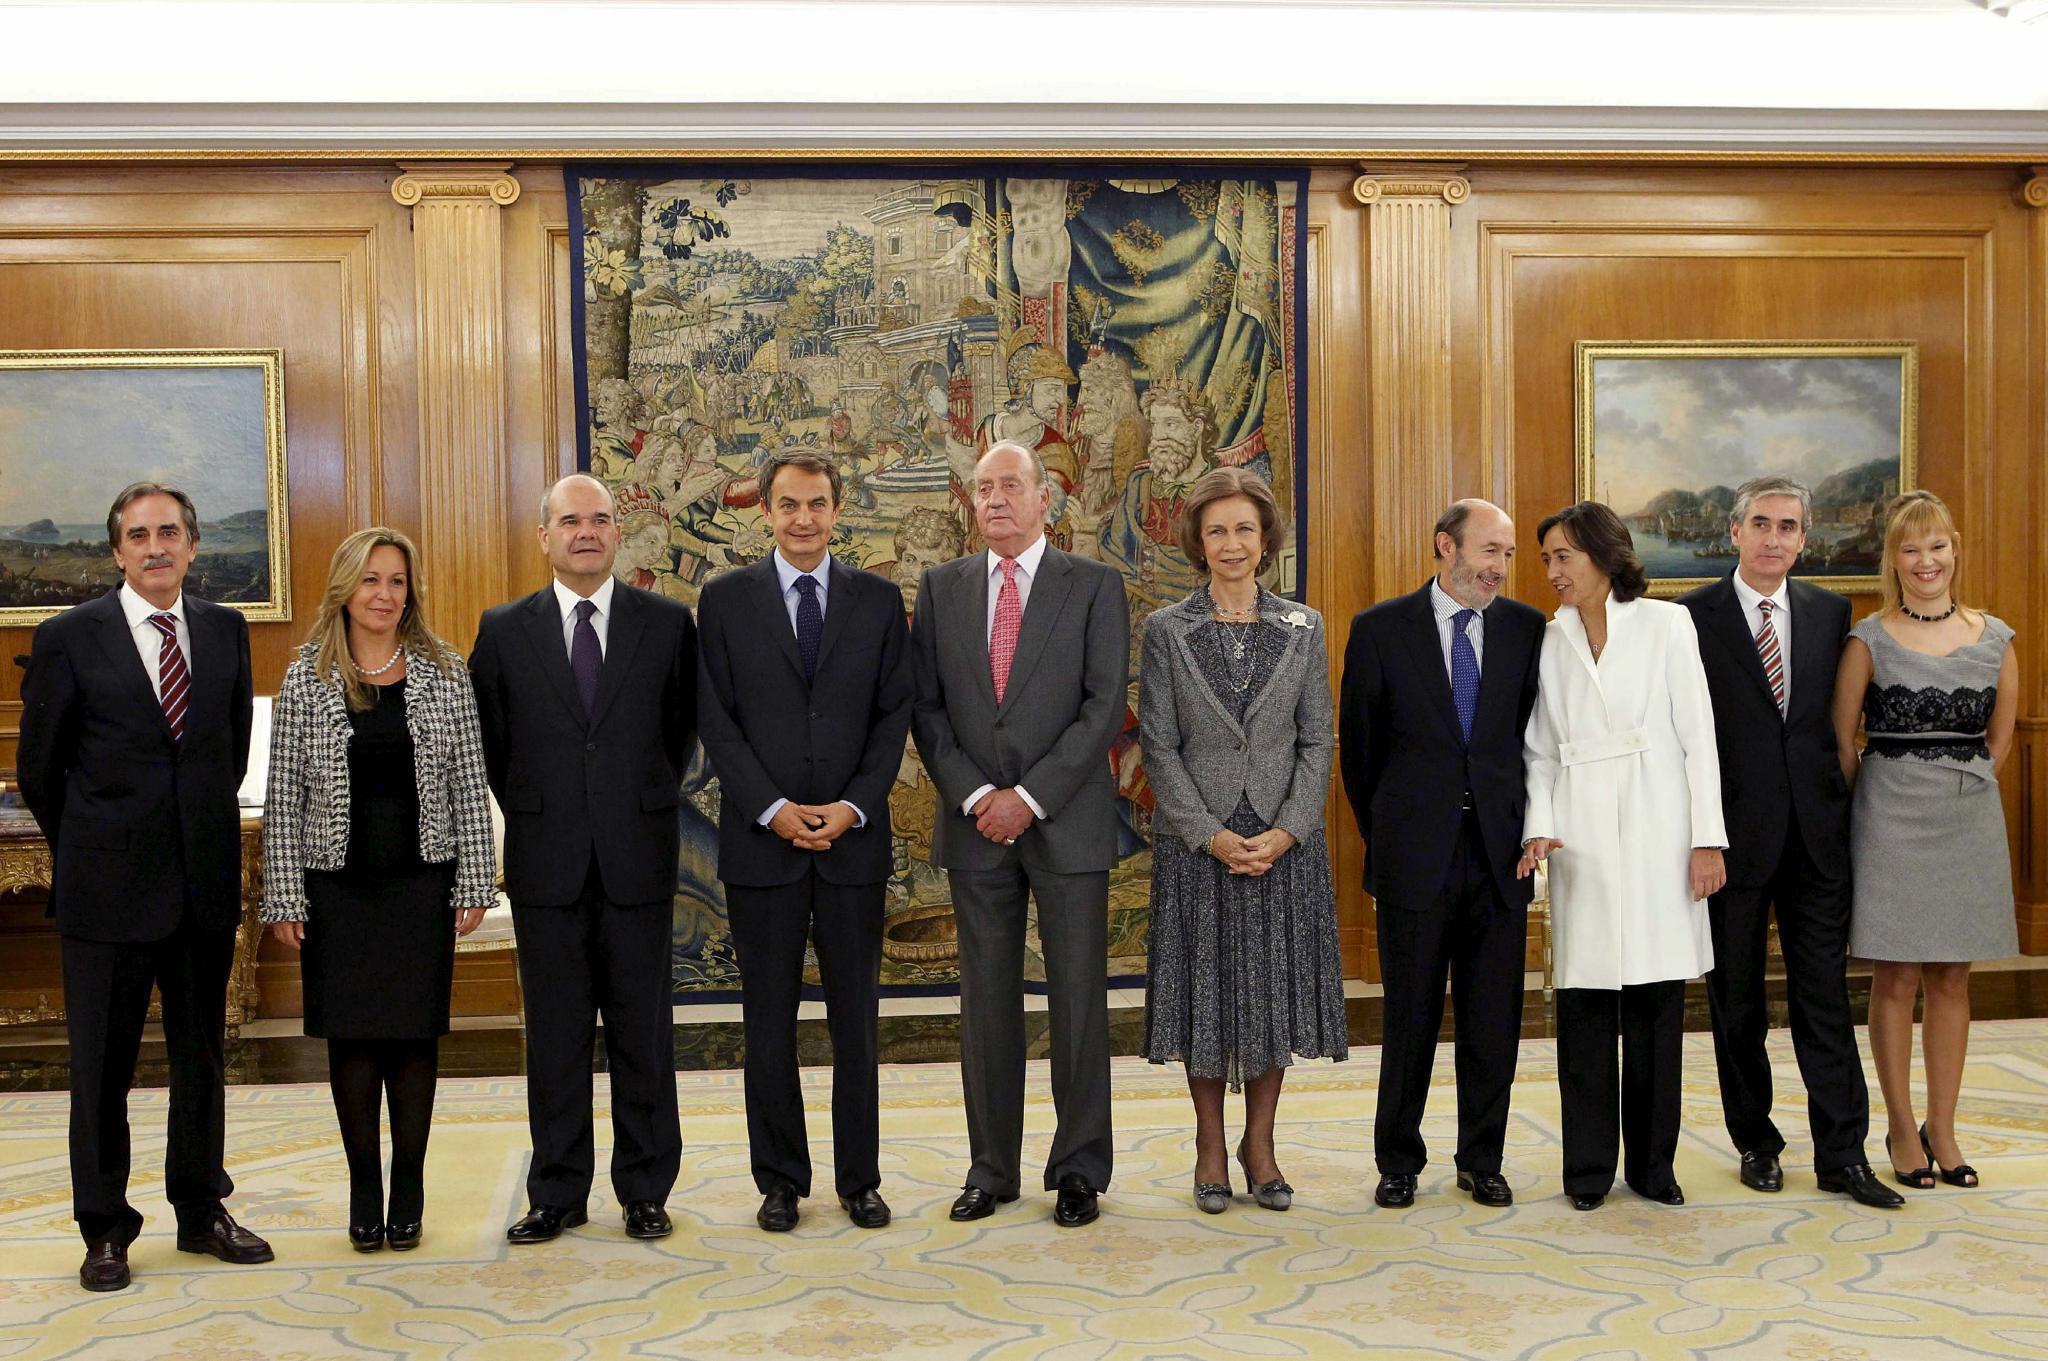 Los nuevos ministros prometen continuidad, trabajo duro y diálogo